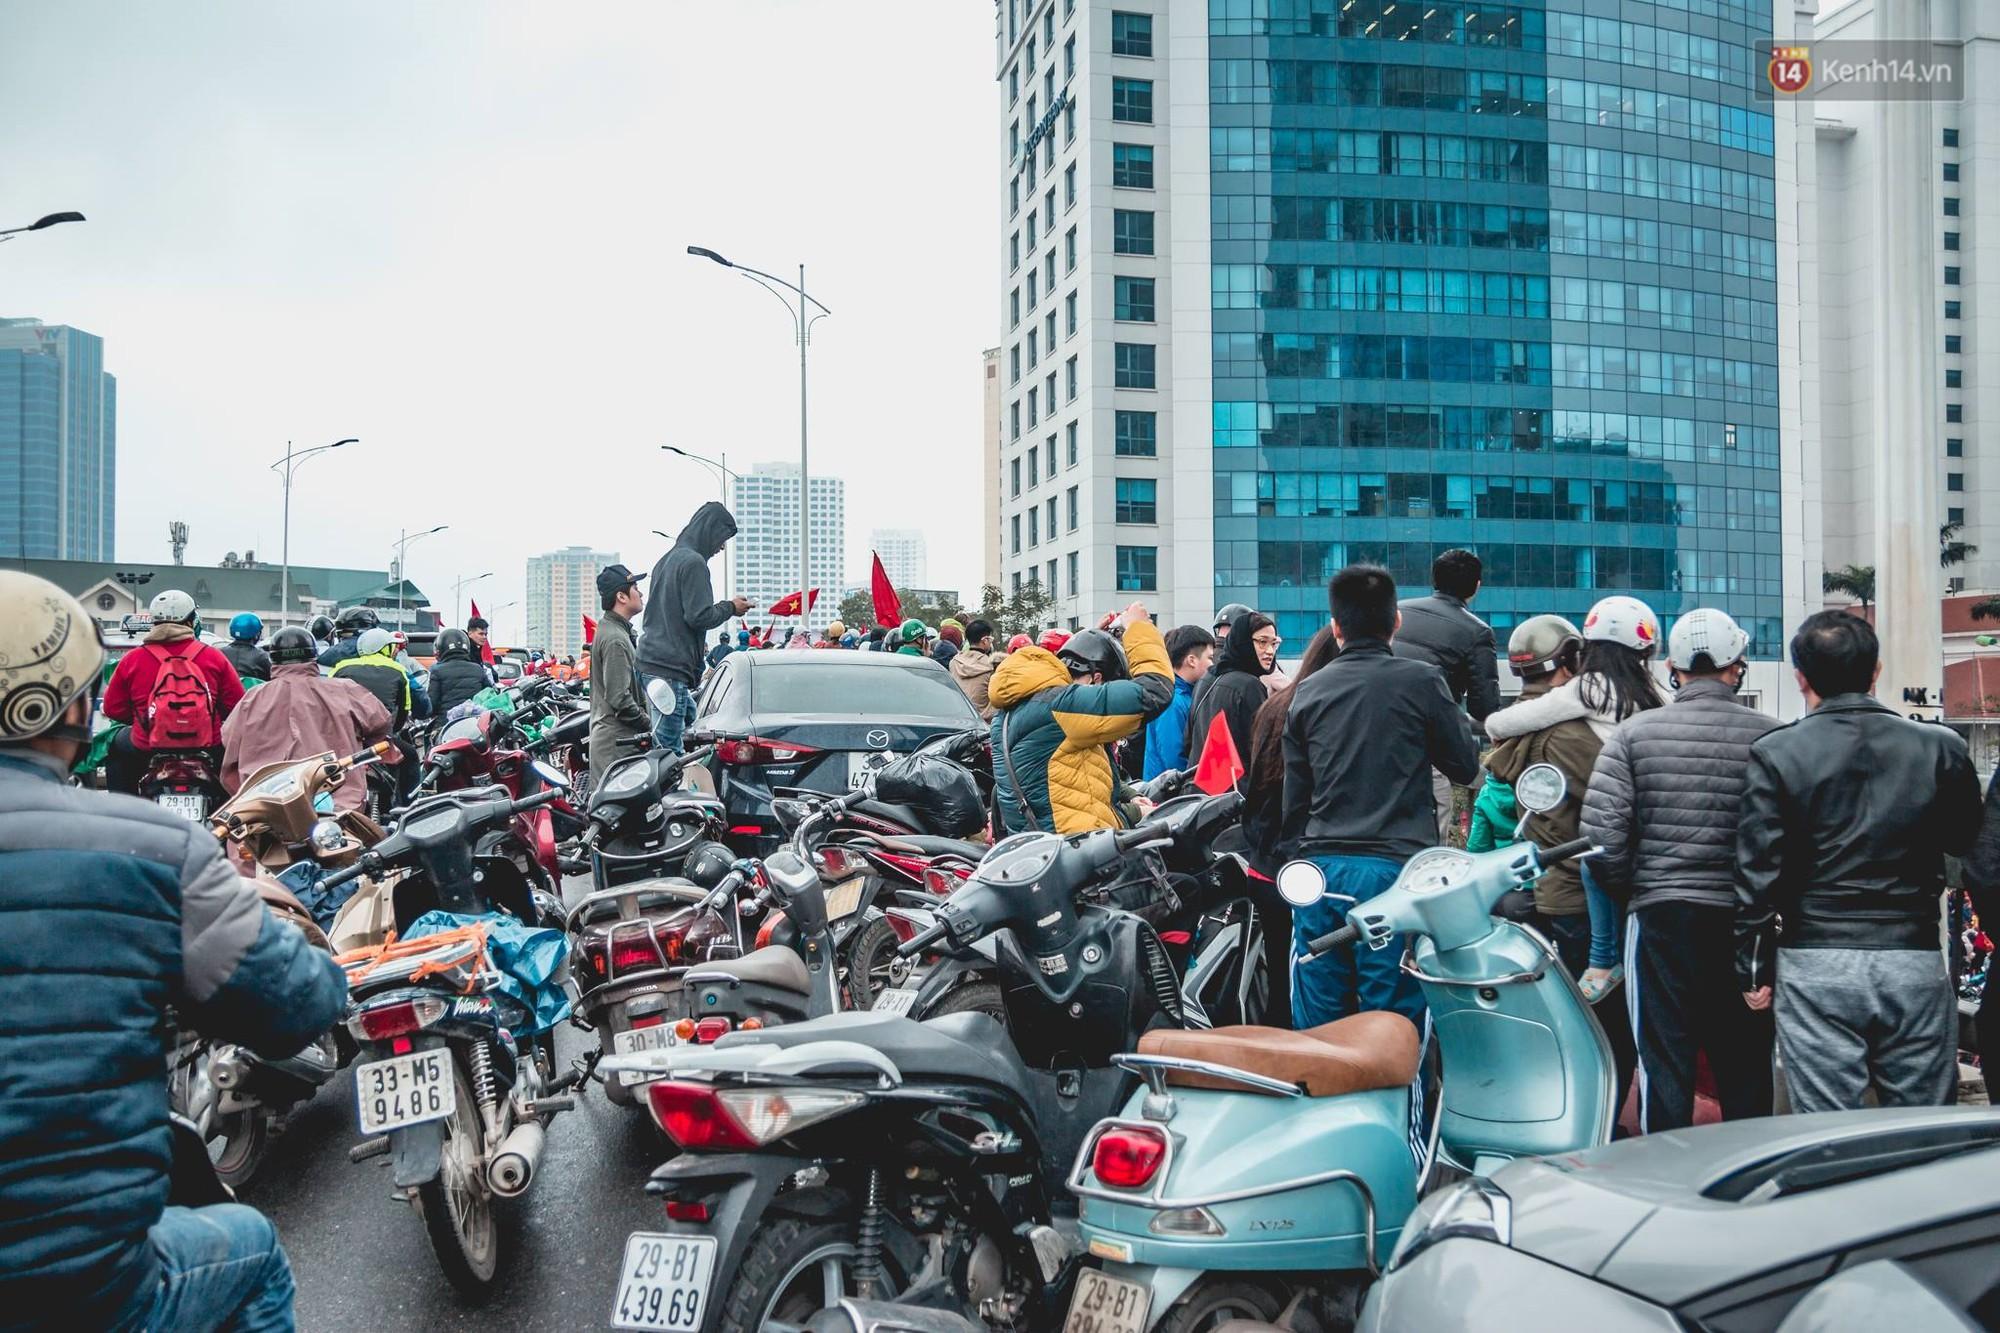 Tình yêu người hâm mộ quá lớn: Đường phố rợp xe và cờ, hơn 4 tiếng đoàn xe của U23 Việt Nam mới có thể tiến vào nội đô - Ảnh 12.